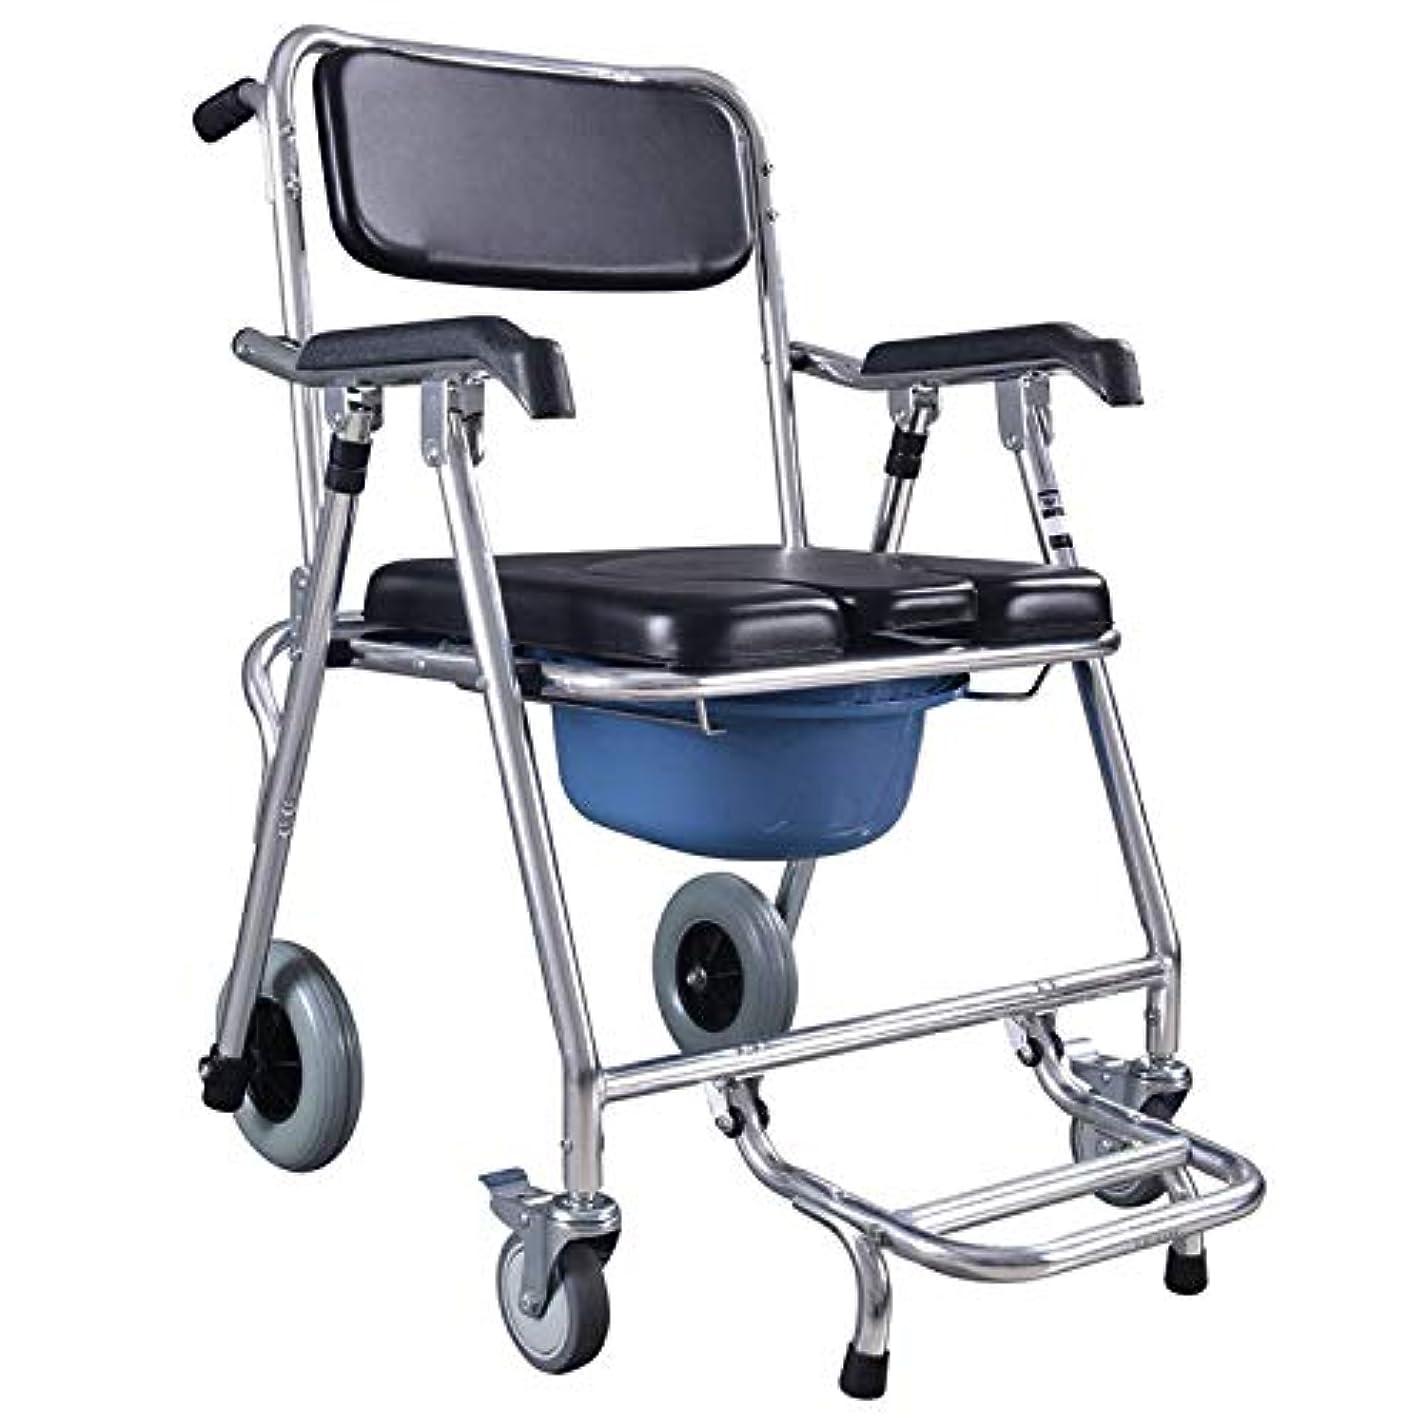 不変協会検索エンジンマーケティング老人車輪付き便器/トイレ椅子、パッド入りシートと背もたれ車椅子バスチェア付きブレーキ付きトイレシャワーチェア